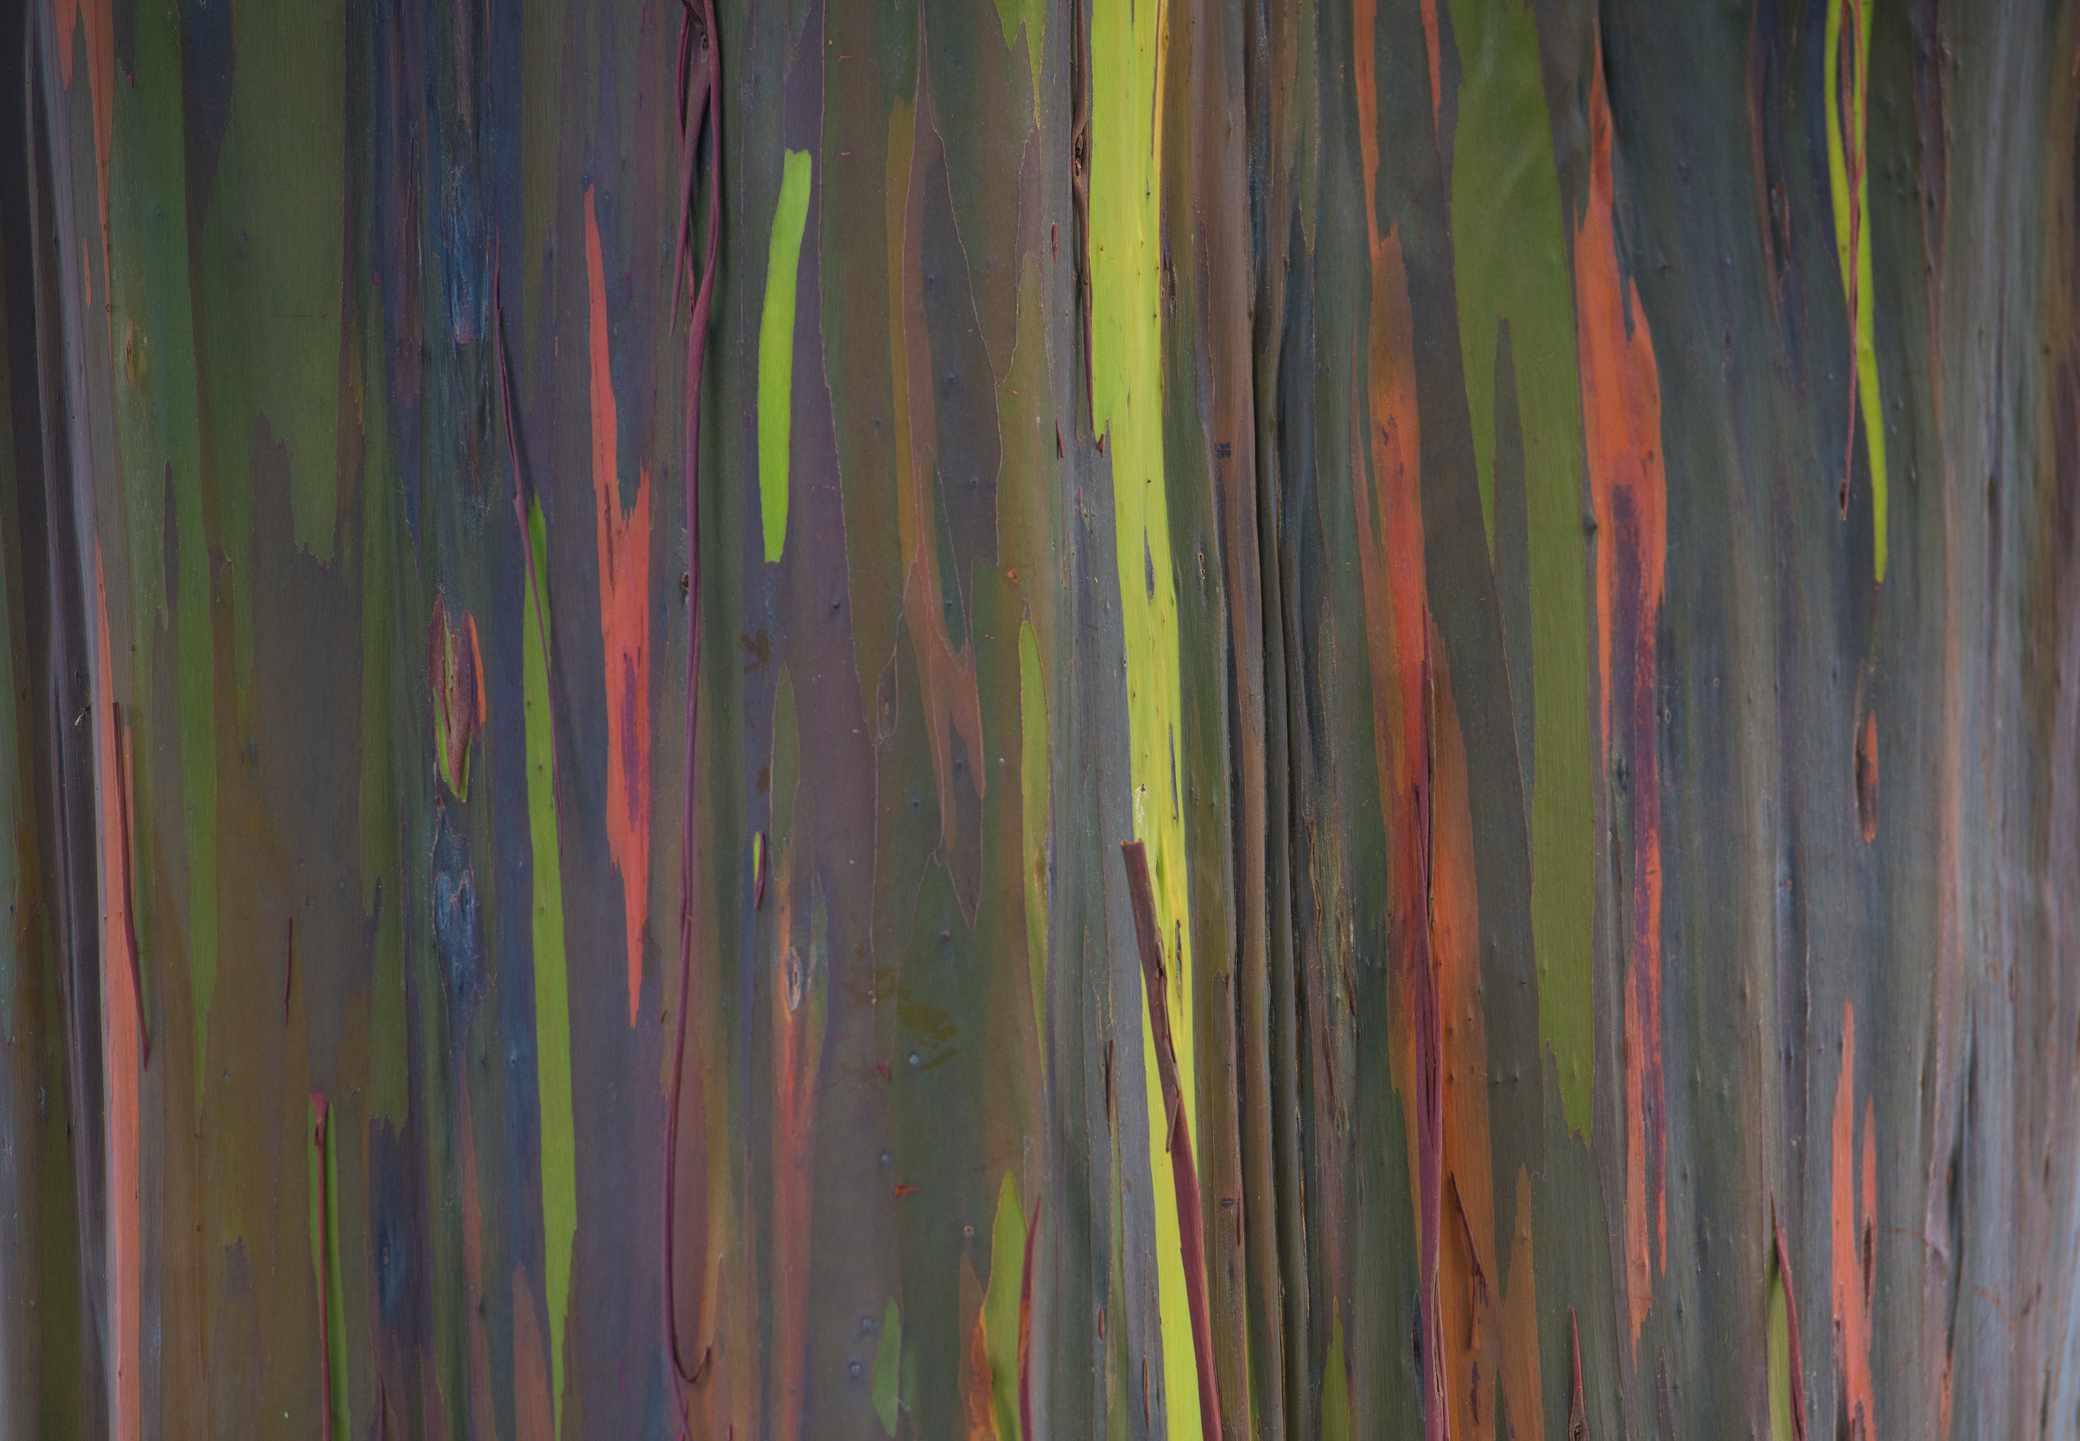 Rainbow Eucalyptus tree pattern